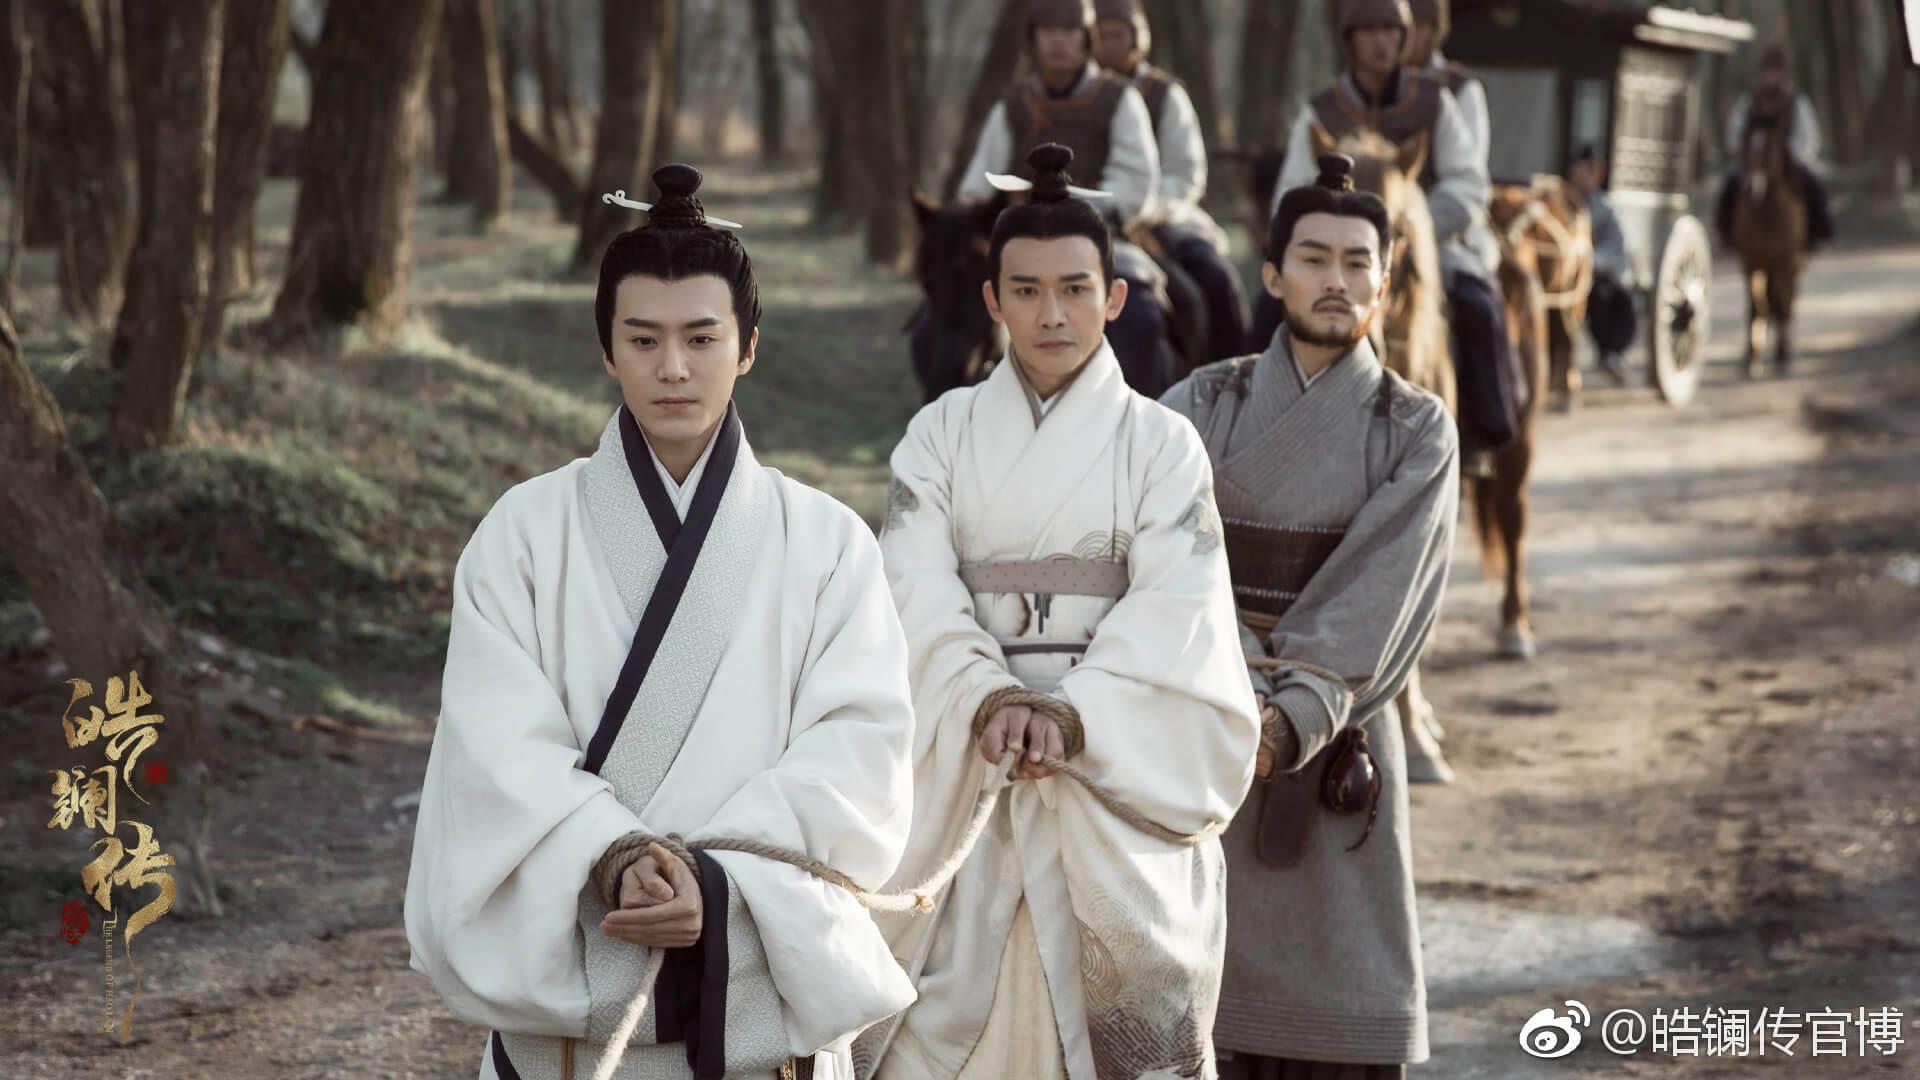 飾演呂不韋的聶遠因貪財與皓鑭和異人結盟,三人共謀大業,最終皓鑭成為秦國皇后,呂不韋助嬴異人登上王位,三人的感情線更是劇中一大賣點。